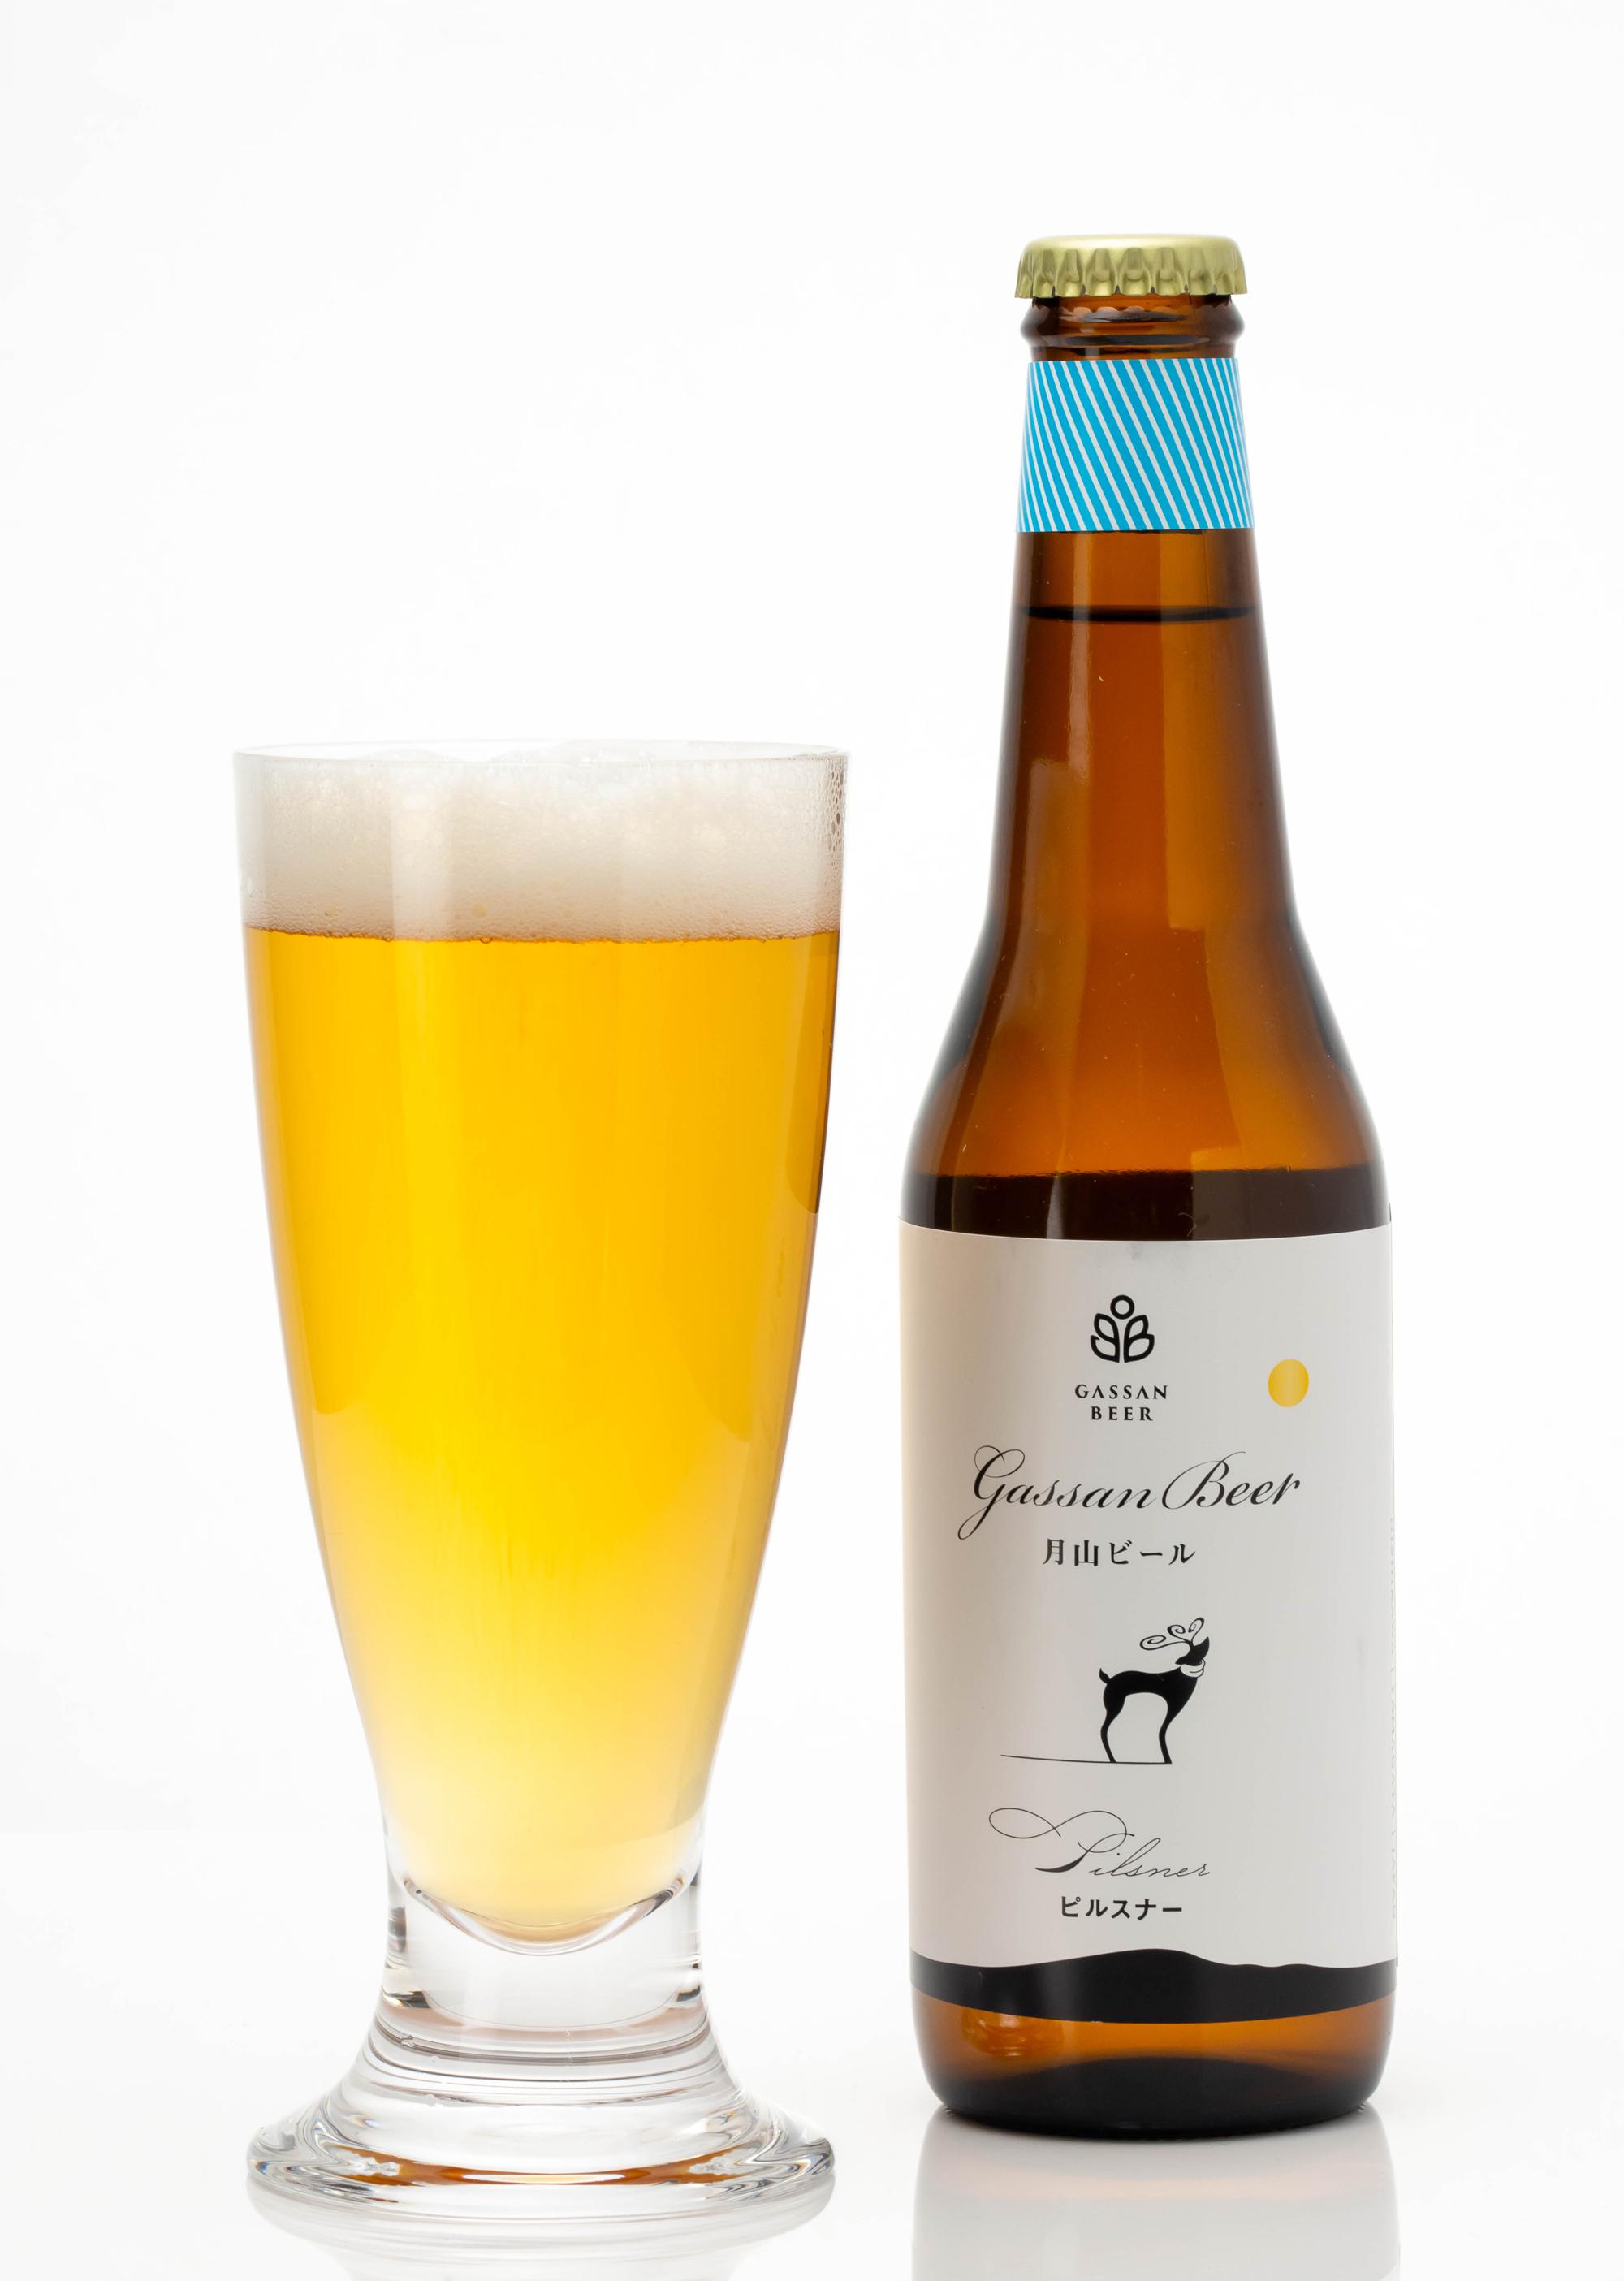 月山ビール ピルスナー330ml 6本詰